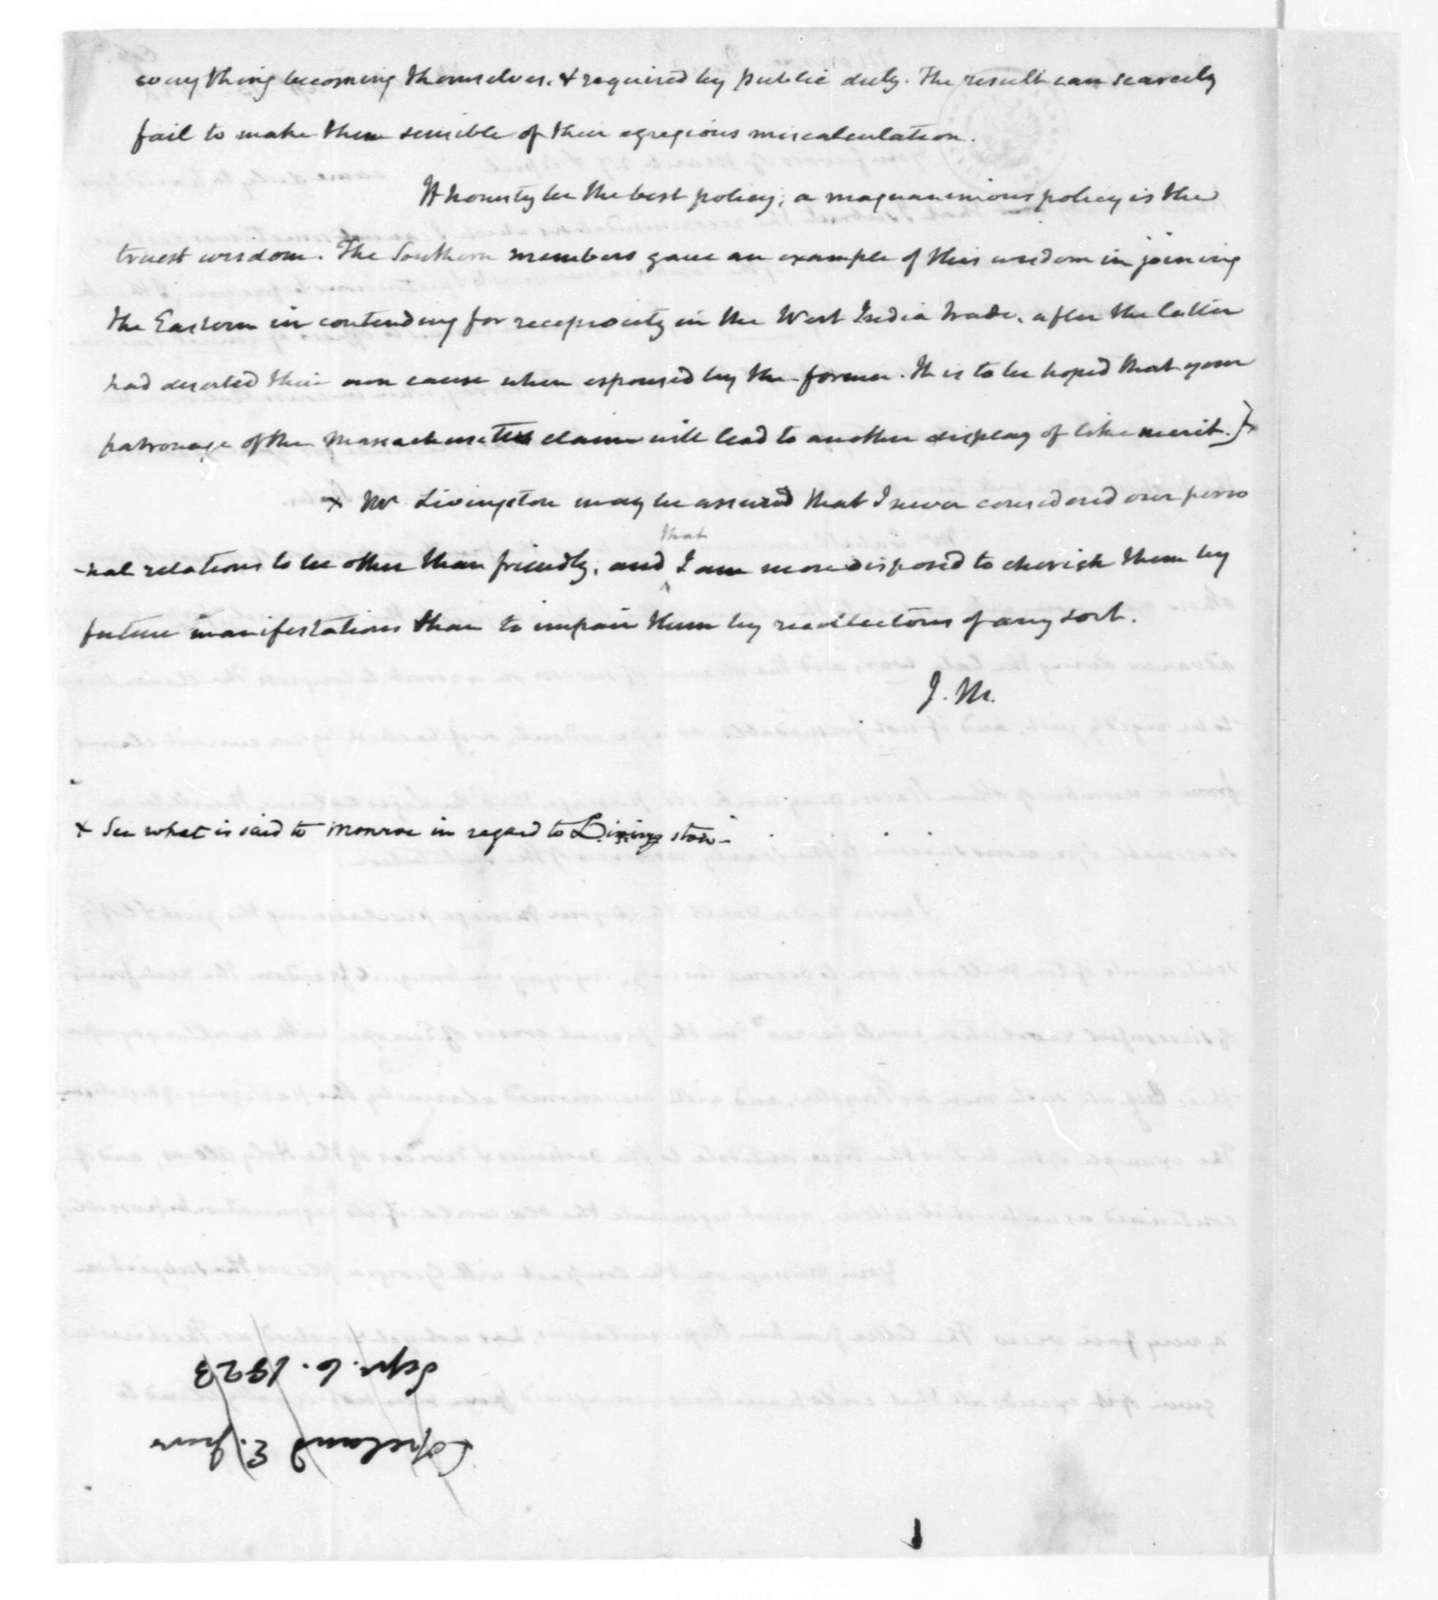 James Madison to James Monroe, April 10, 1824.